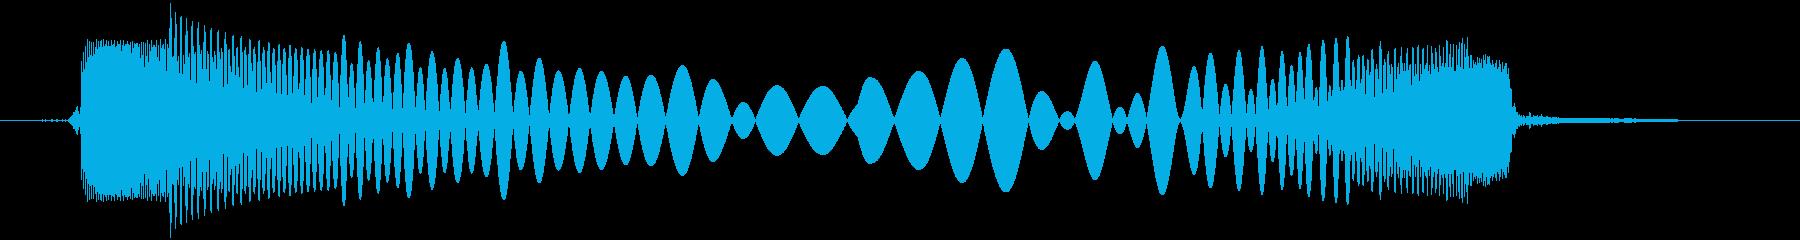 スイッチを押すの再生済みの波形